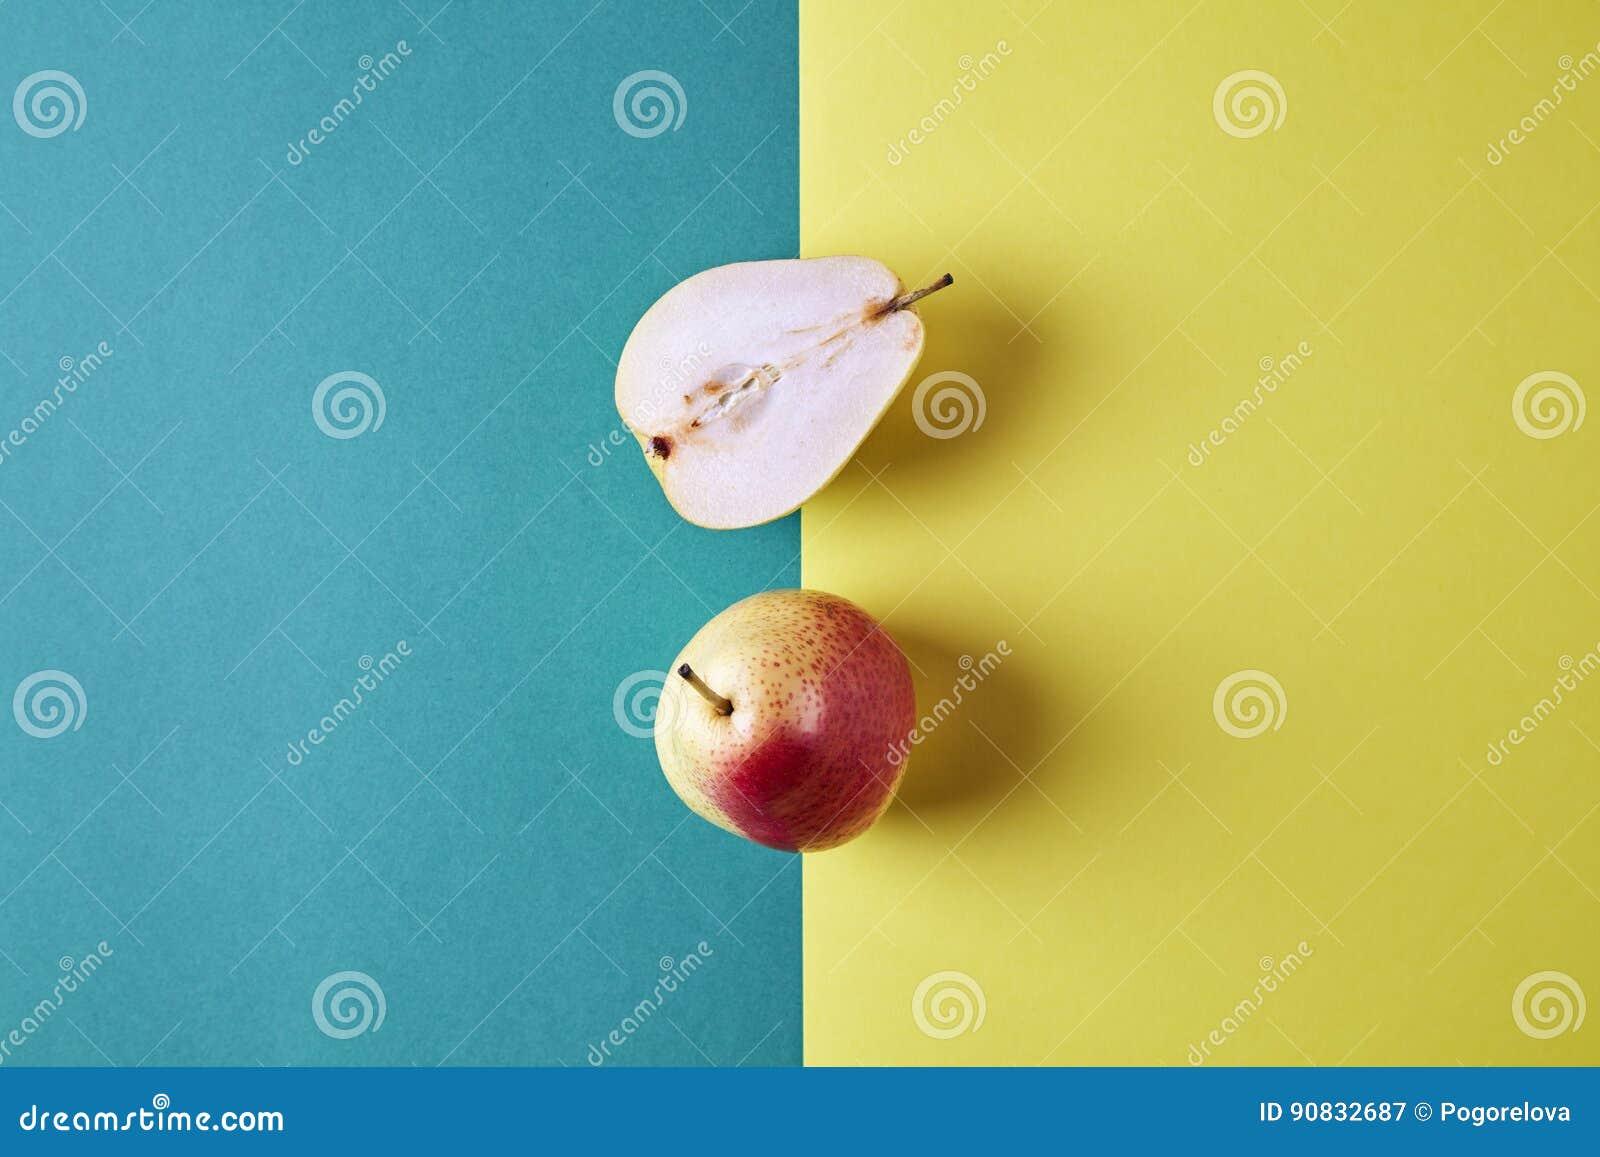 两整个新鲜的梨,果子从上面切成了两半看法在绿色黄色背景,现代样式食物图片,样式设计